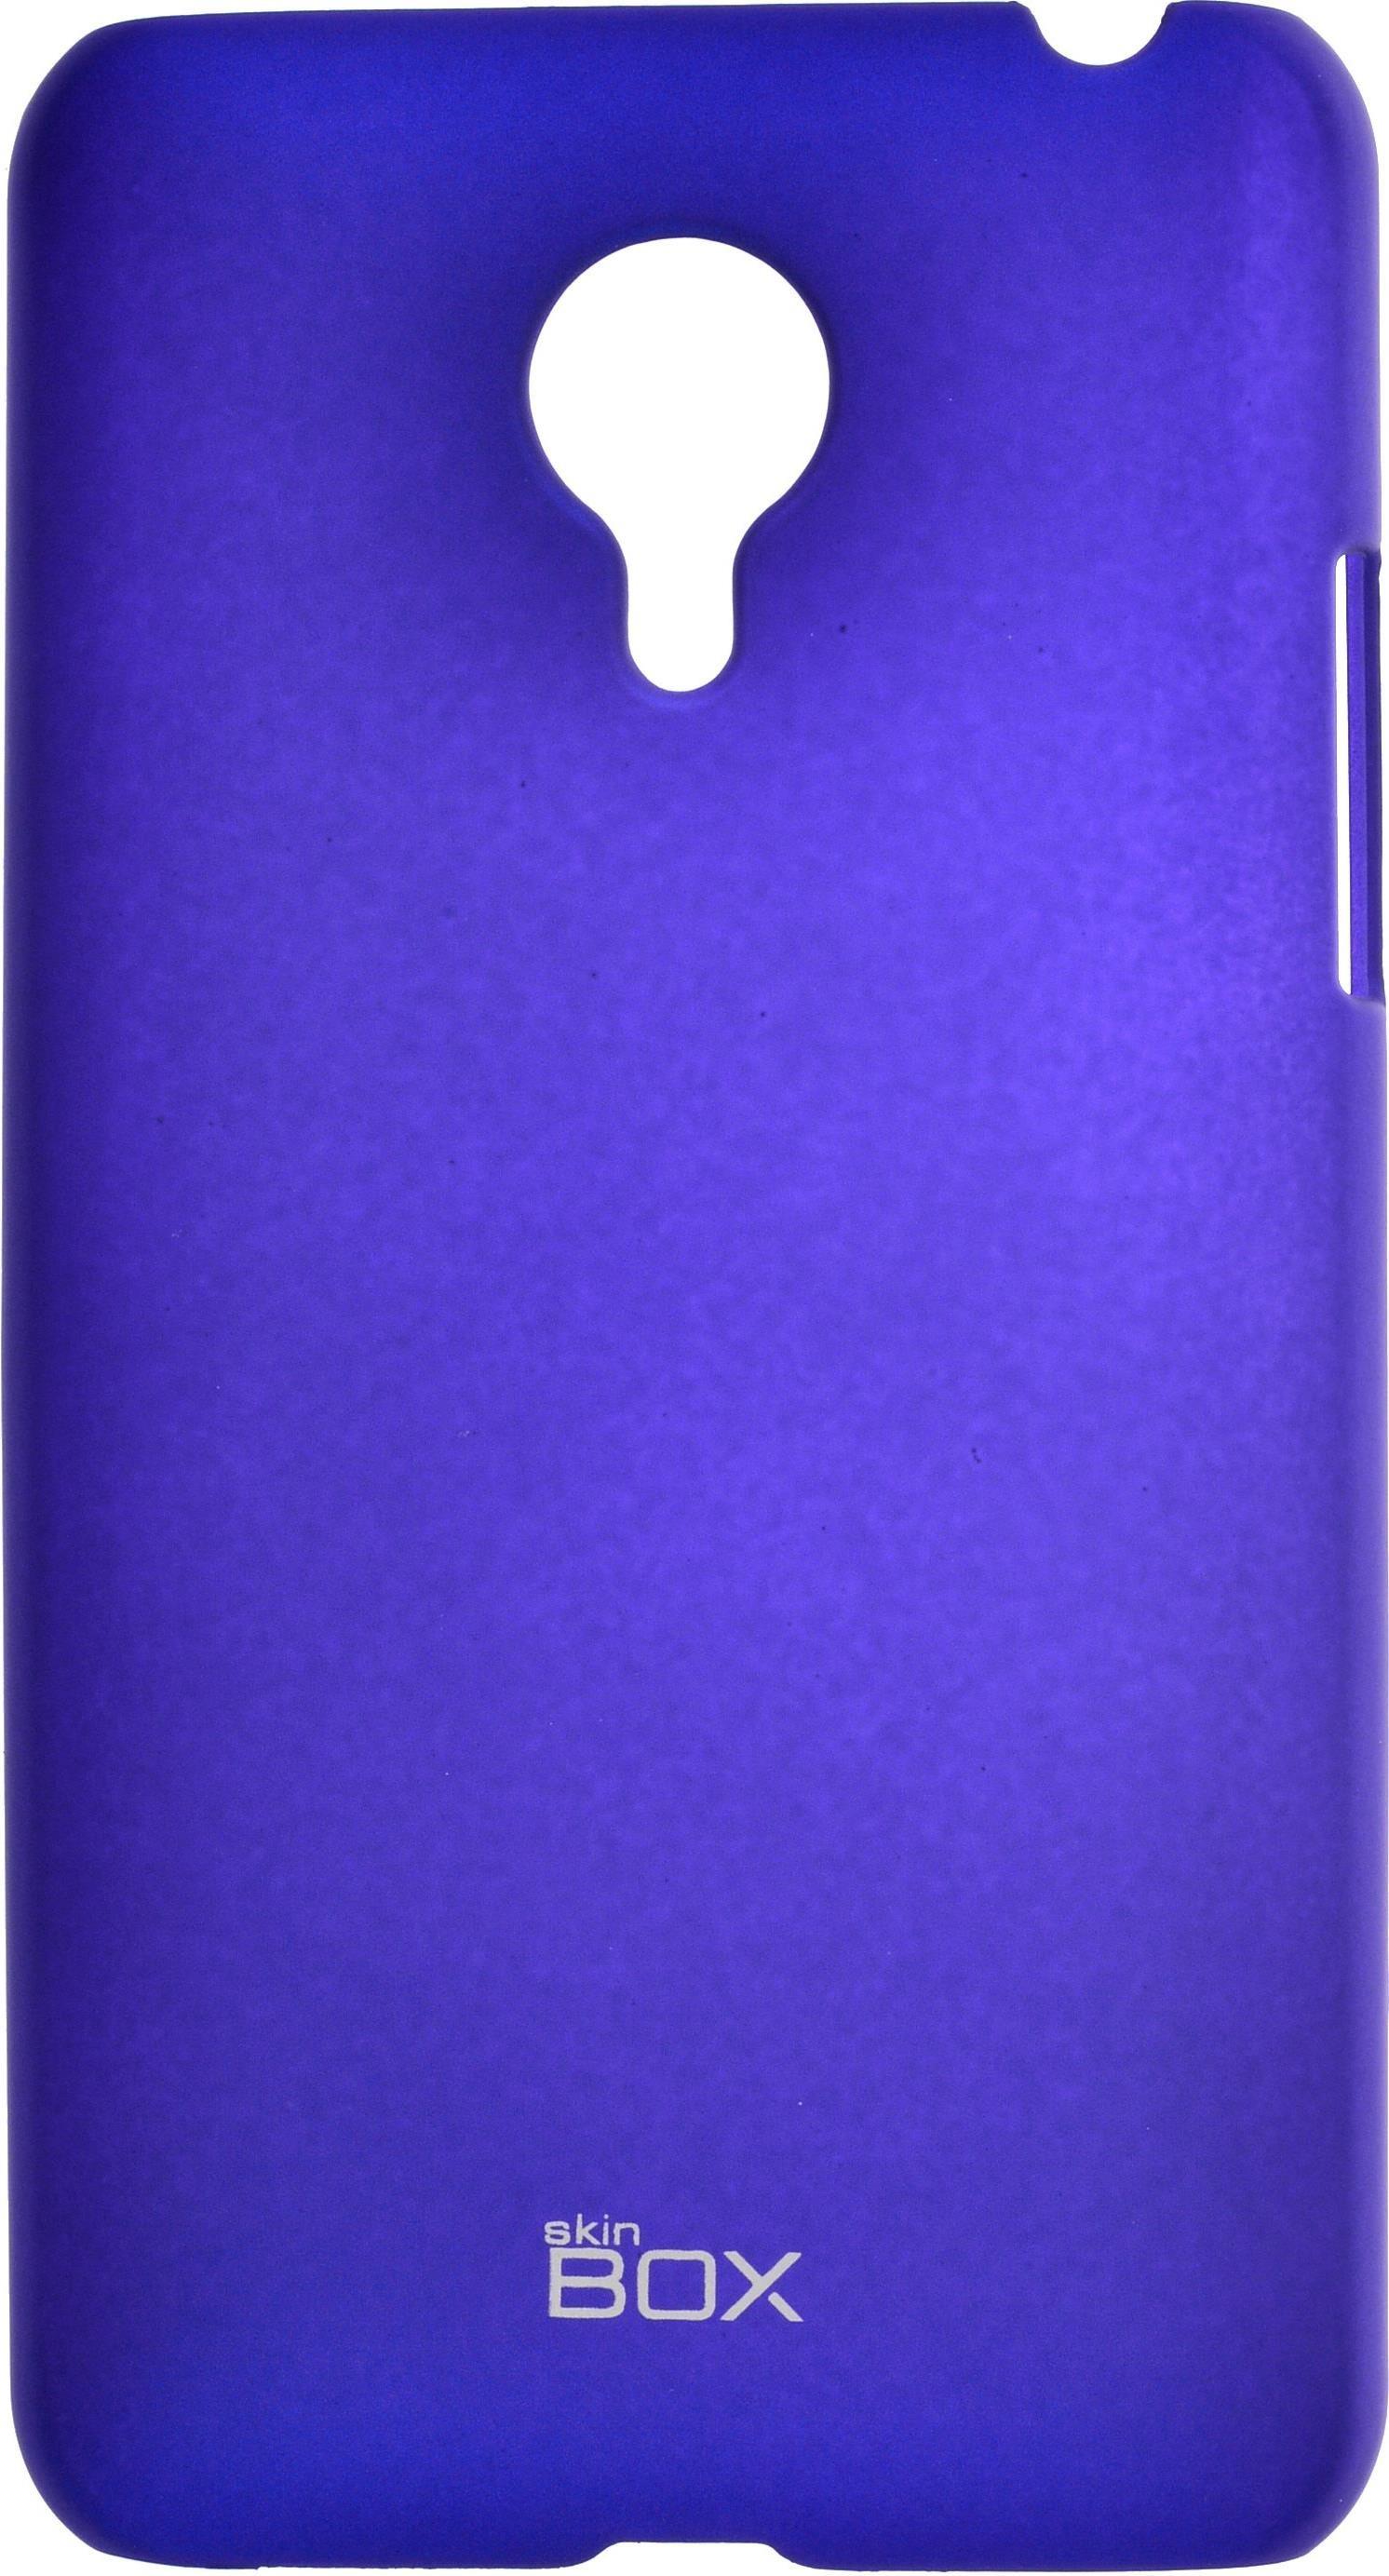 Чехол для сотового телефона skinBOX 4People, 4630042526952, синий стоимость